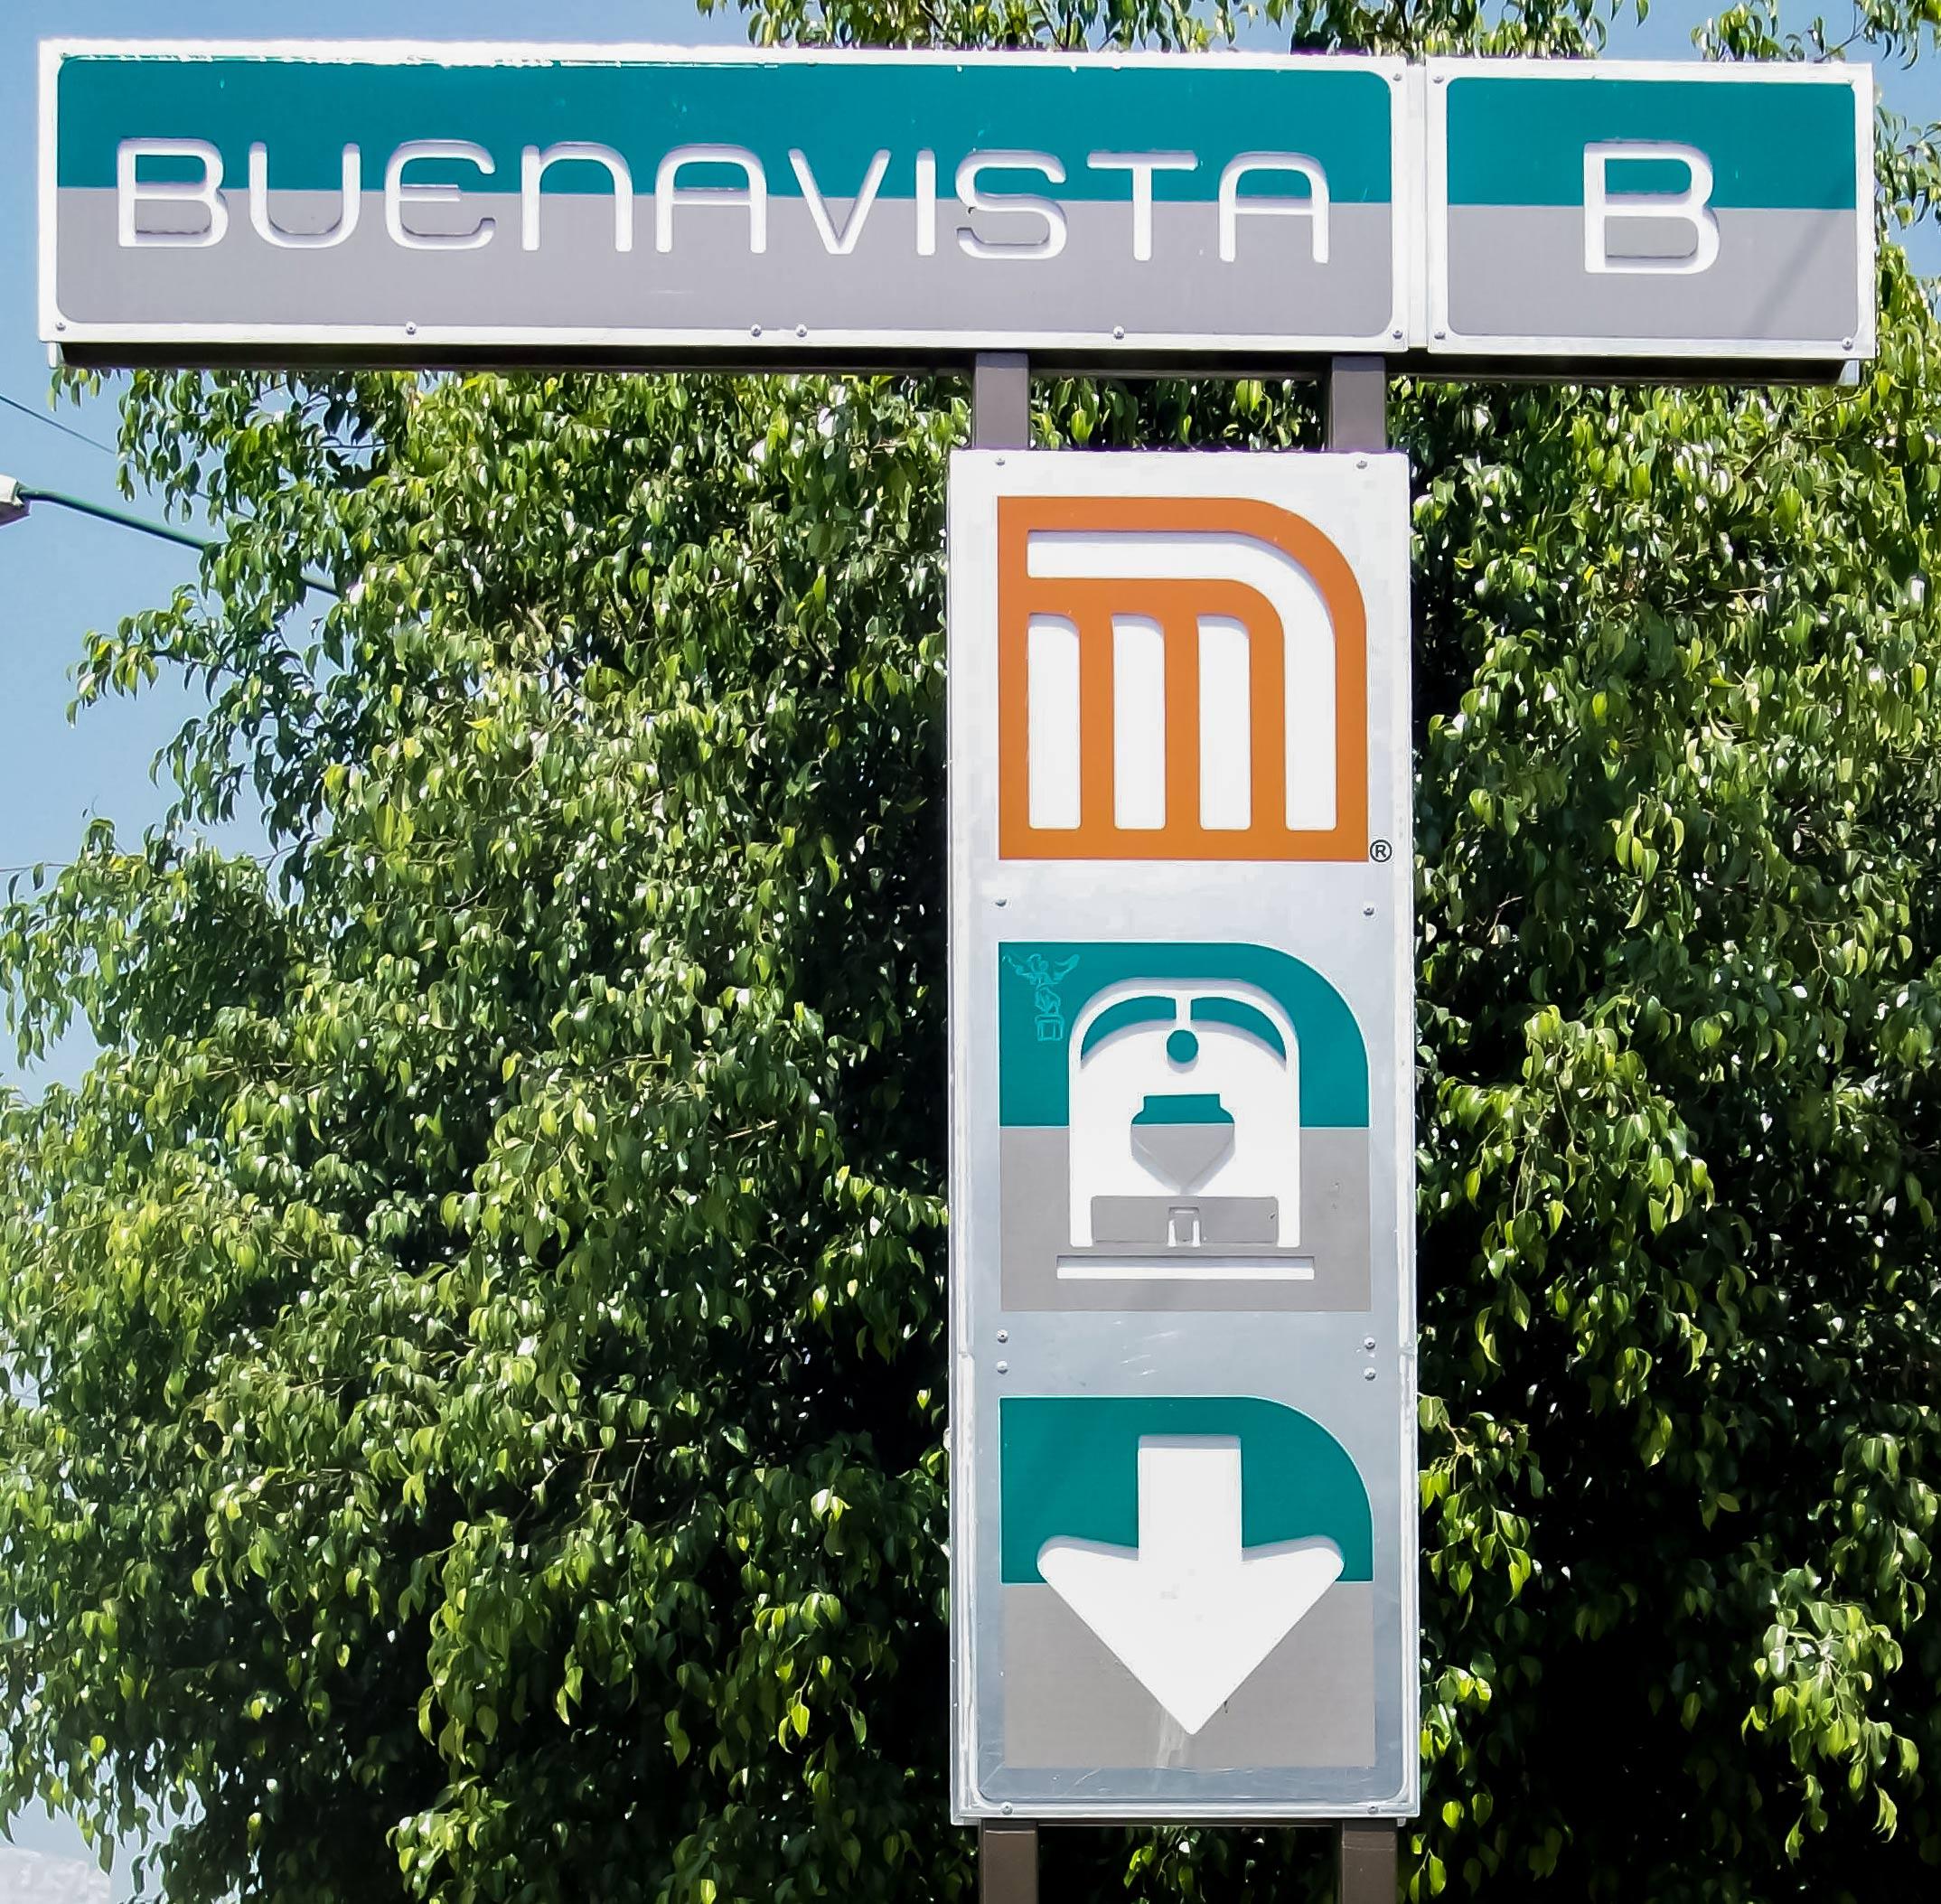 Buenavista Estación Wikipedia La Enciclopedia Libre